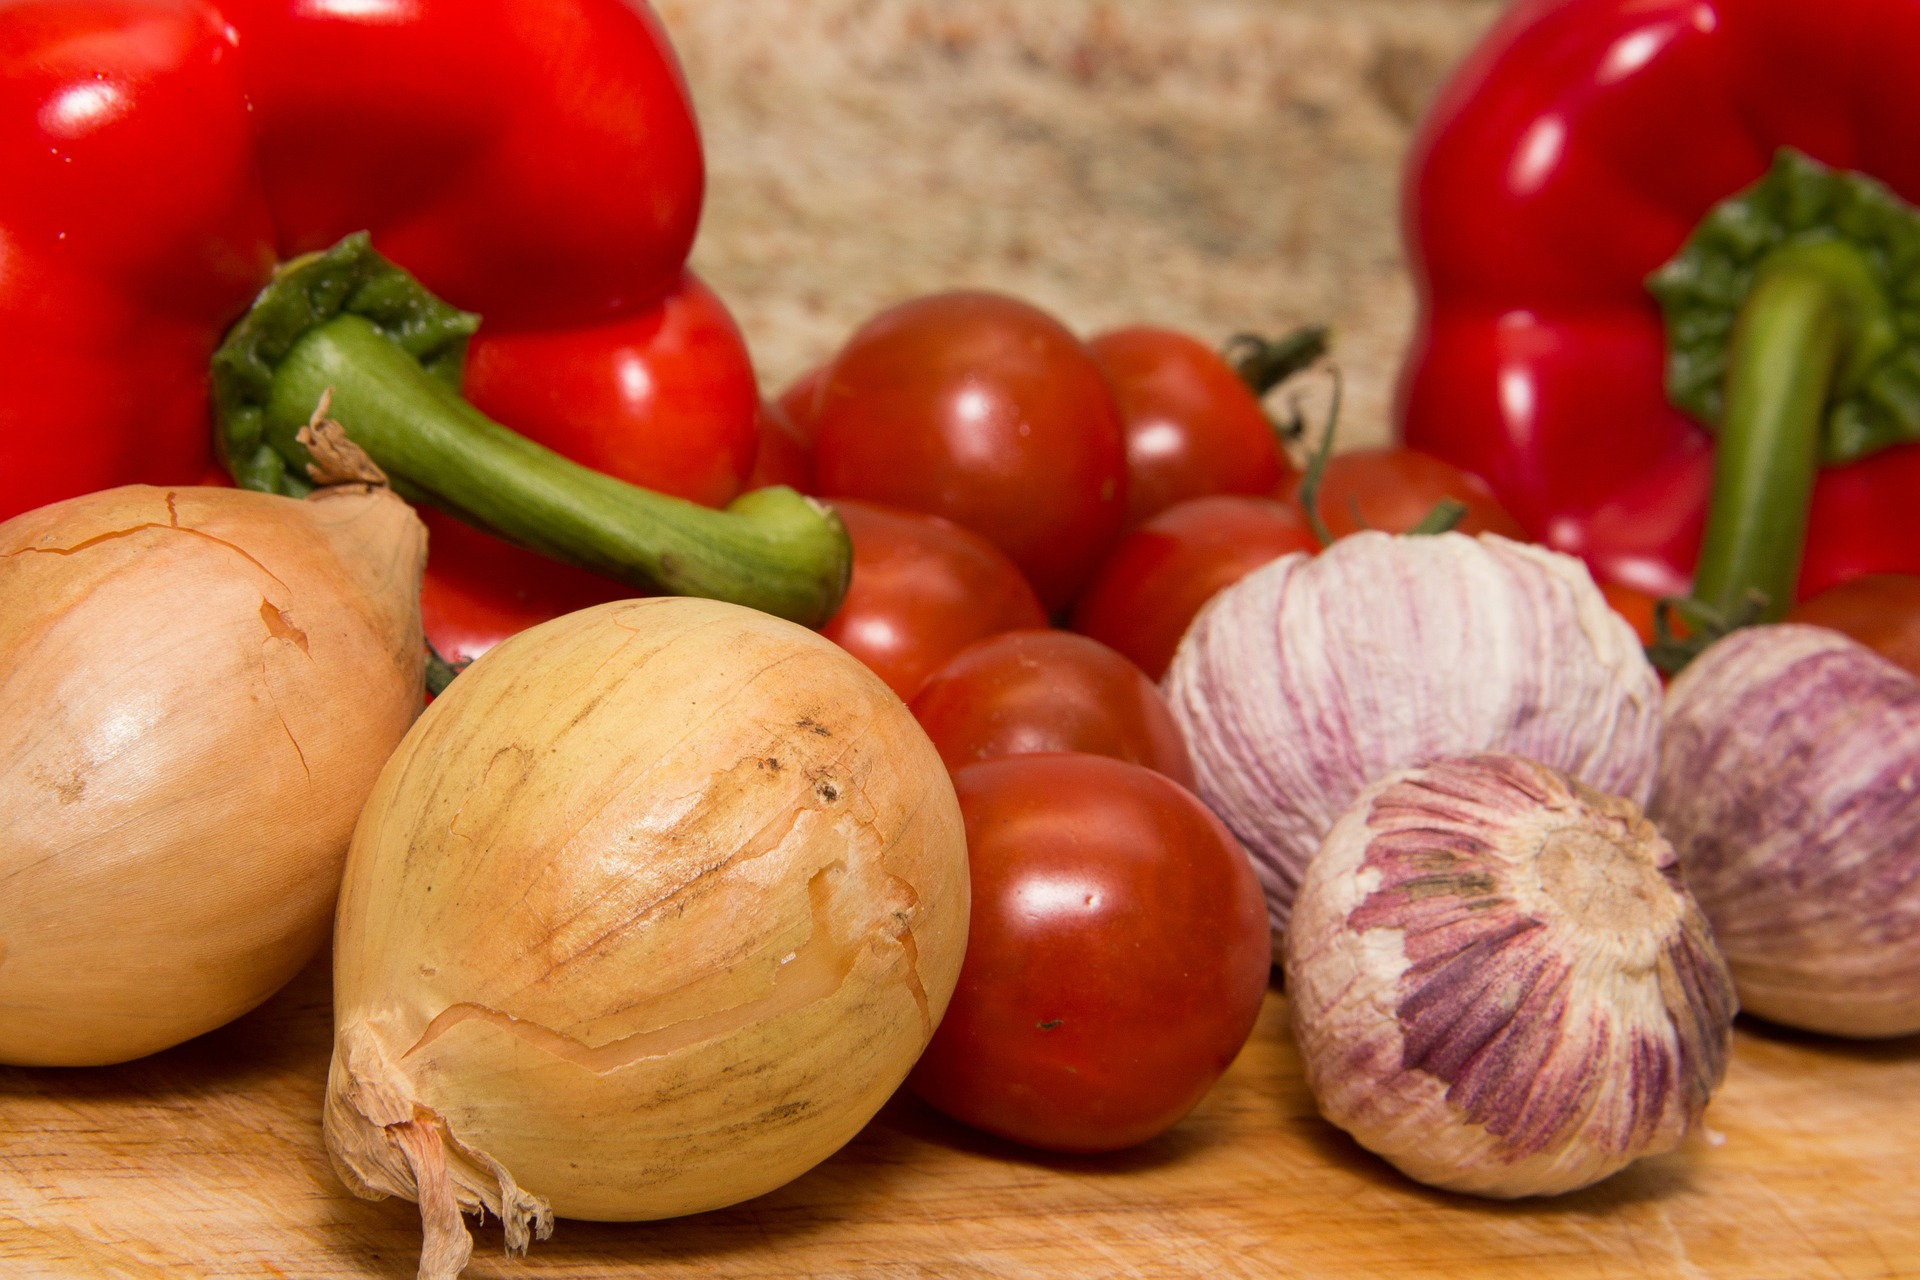 alimetne sanatoase legume - sfatulparintilor.ro - pixabay_com